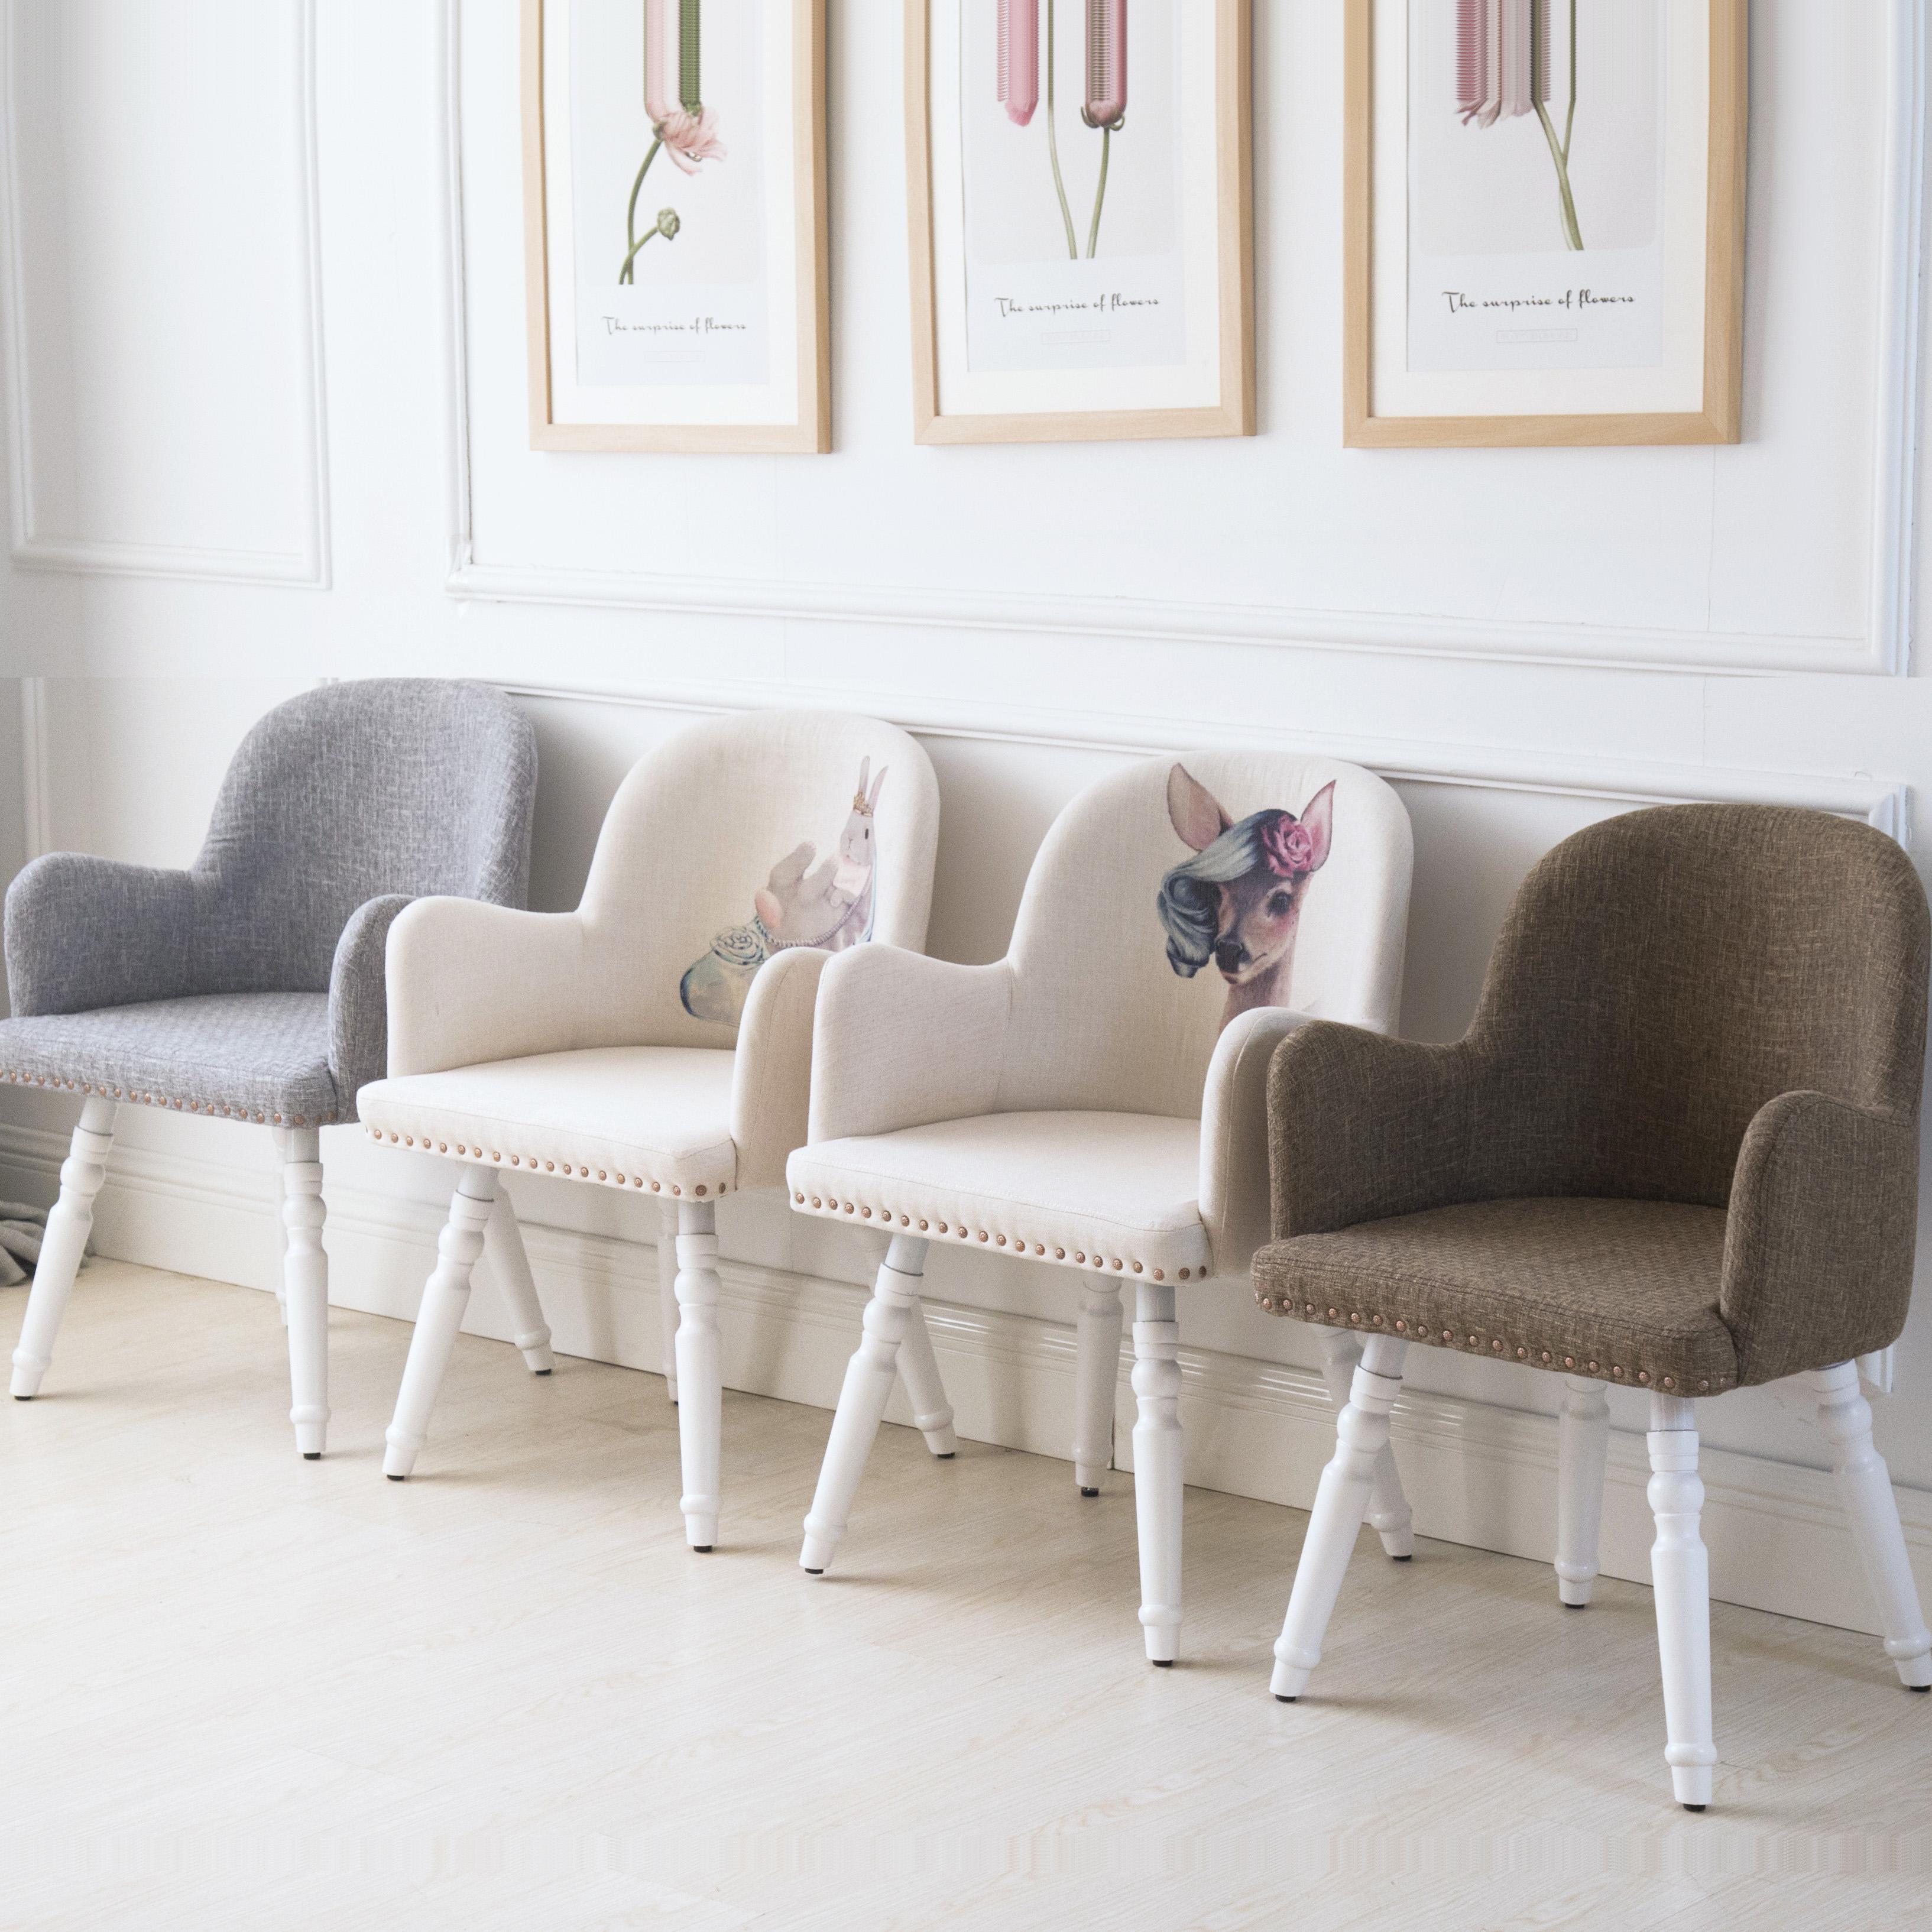 餐椅带扶手现代